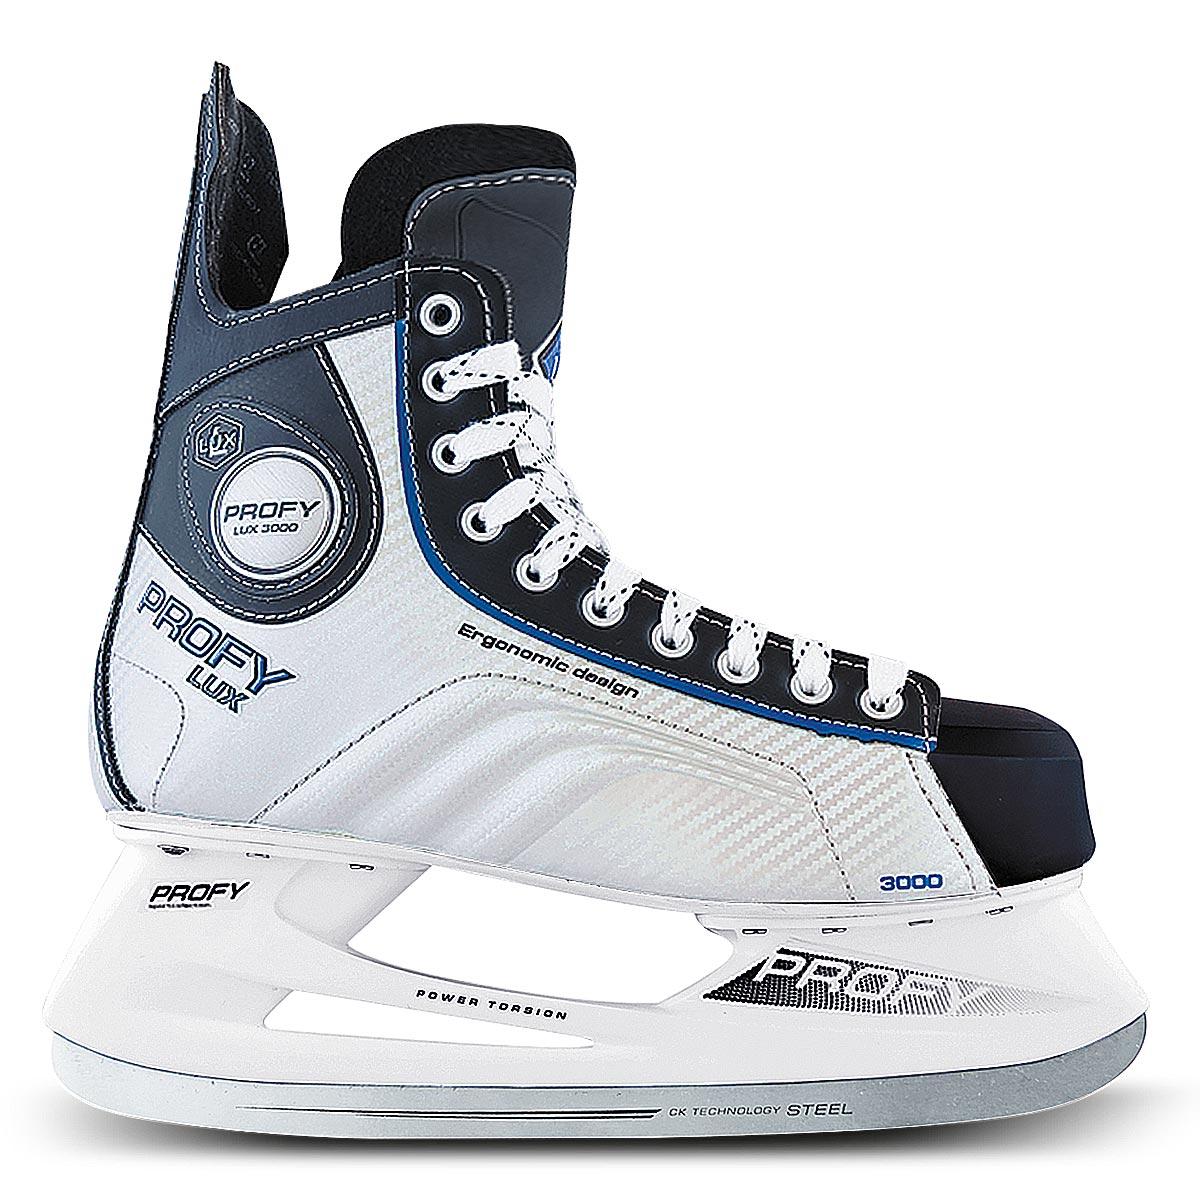 Коньки хоккейные для мальчика СК Profy Lux 3000, цвет: черный, серебряный, синий. Размер 35PROFY LUX 3000 Blue_35Стильные детские коньки для мальчика от CK Profy Lux 3000 Blue прекрасно подойдут для начинающих игроков в хоккей. Ботинок выполнен из морозоустойчивой искусственной кожи и резистентного ПВХ. Мыс дополнен вставкой, которая защитит ноги от ударов. Внутренний слой и стелька изготовлены из мягкого трикотажа, который обеспечит тепло и комфорт во время катания, язычок - из войлока. Плотная шнуровка надежно фиксирует модель на ноге. Голеностоп имеет удобный суппорт. По бокам, на язычке и заднике коньки декорированы принтом и тиснением в виде логотипа бренда. Подошва - из твердого пластика. Стойка выполнена из ударопрочного поливинилхлорида. Лезвие из углеродистой нержавеющей стали обеспечит превосходное скольжение. Оригинальные коньки придутся по душе вашему ребенку.